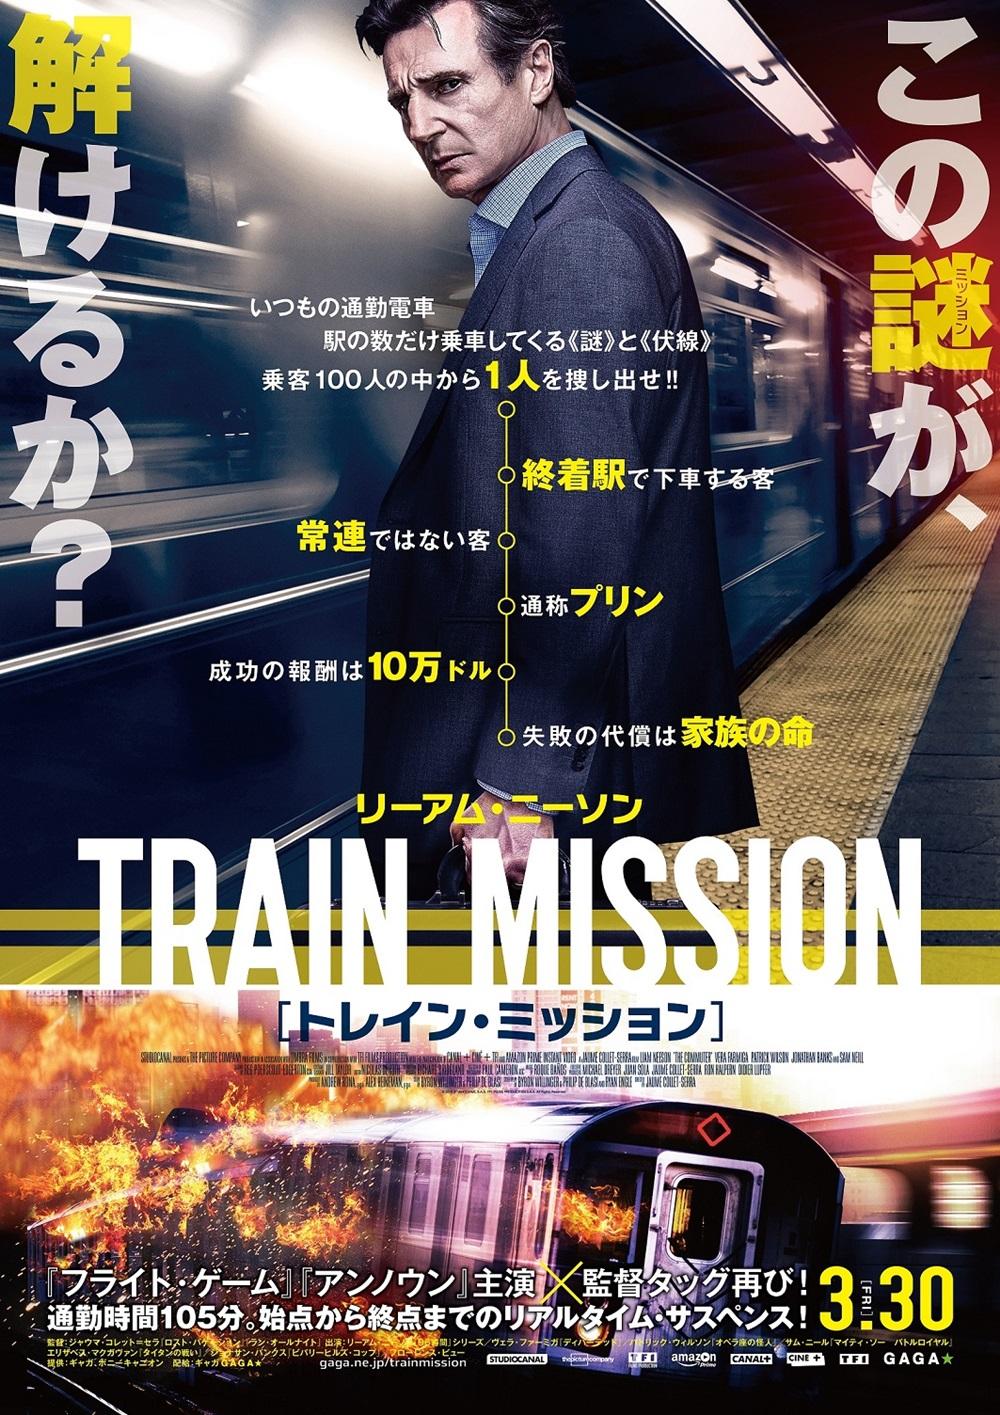 【画像】映画『トレイン・ミッション』ポスタービジュアル